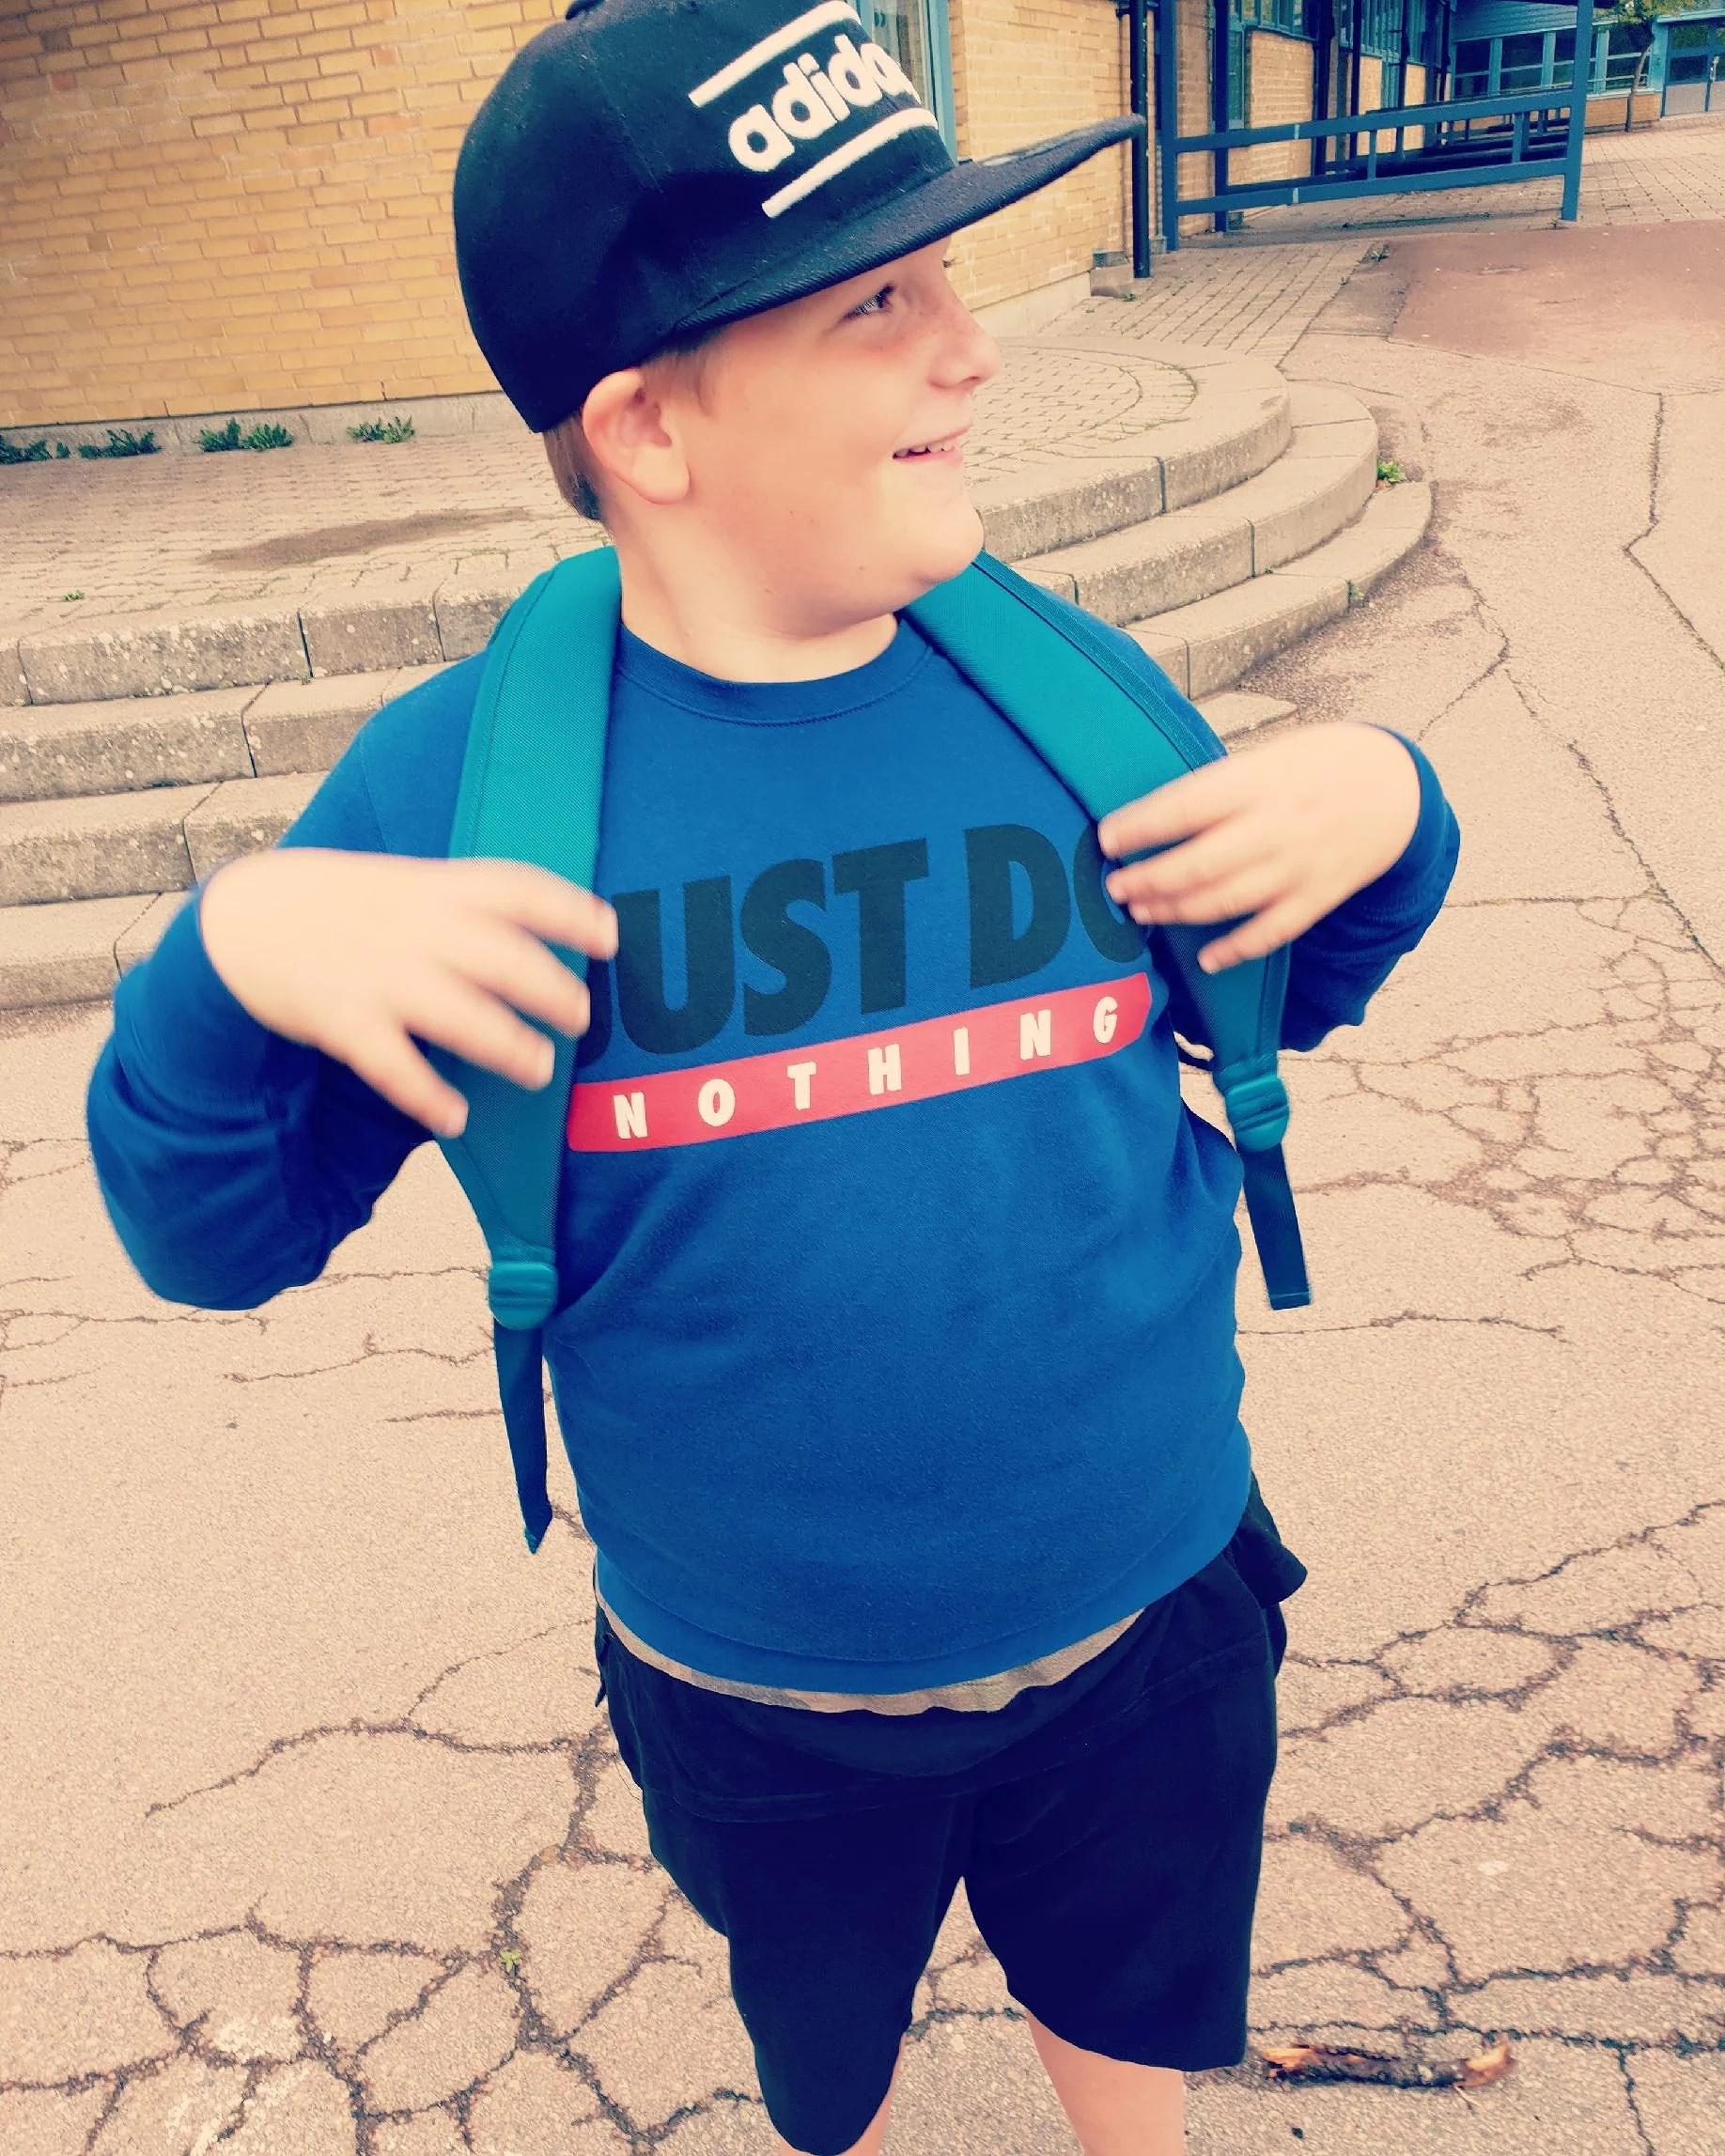 Han drog en penna första dagen & bästis-häng!